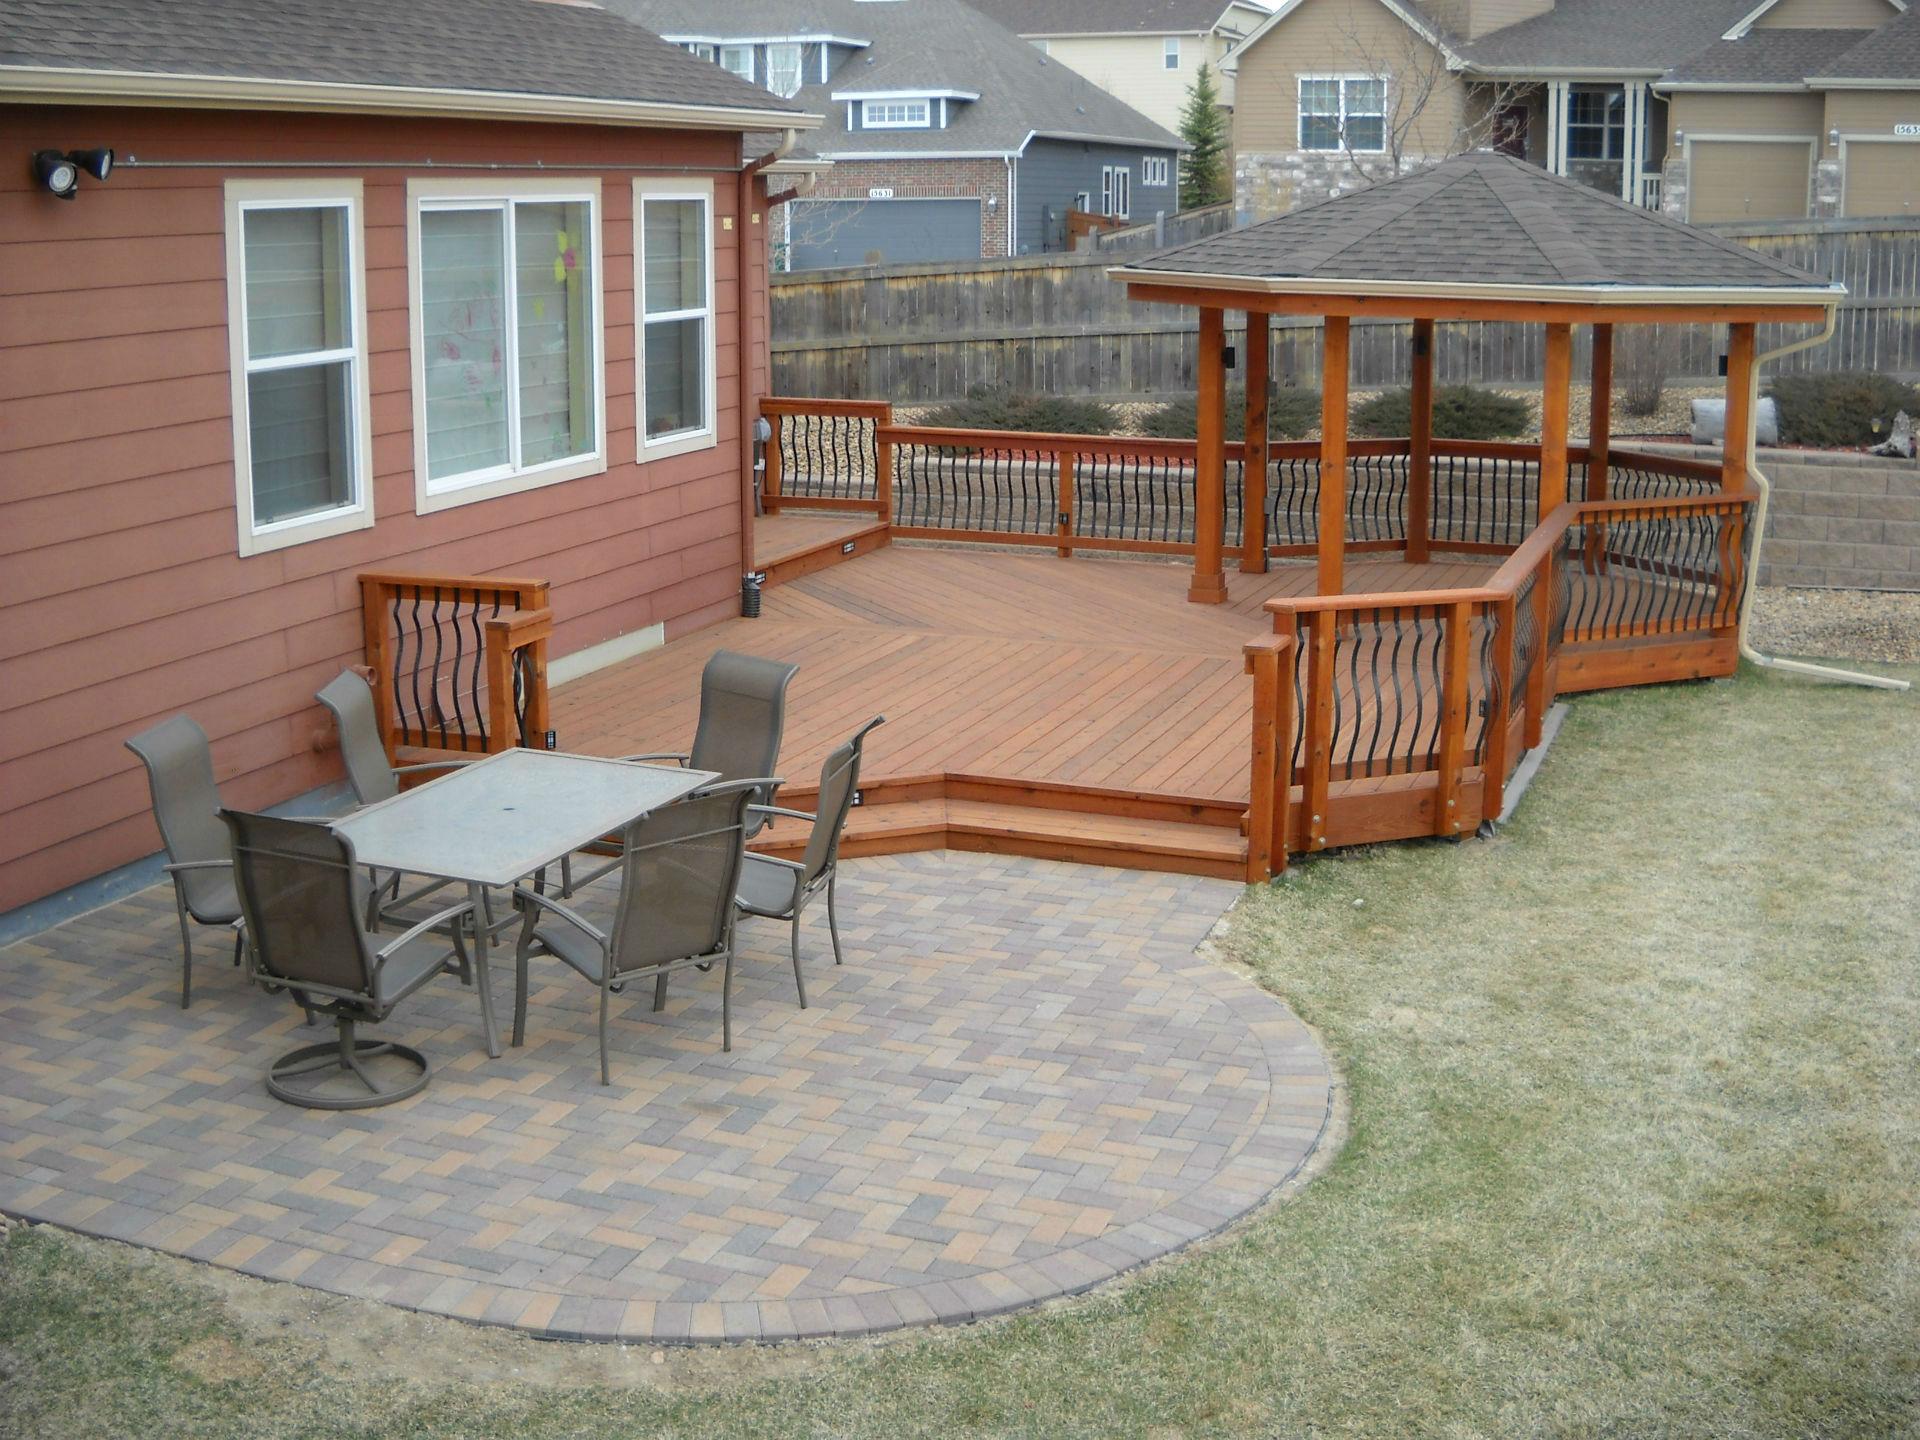 Deck & Patio Combinations - DeckTec Outdoor Designs on Backyard Porch Ideas  id=58105